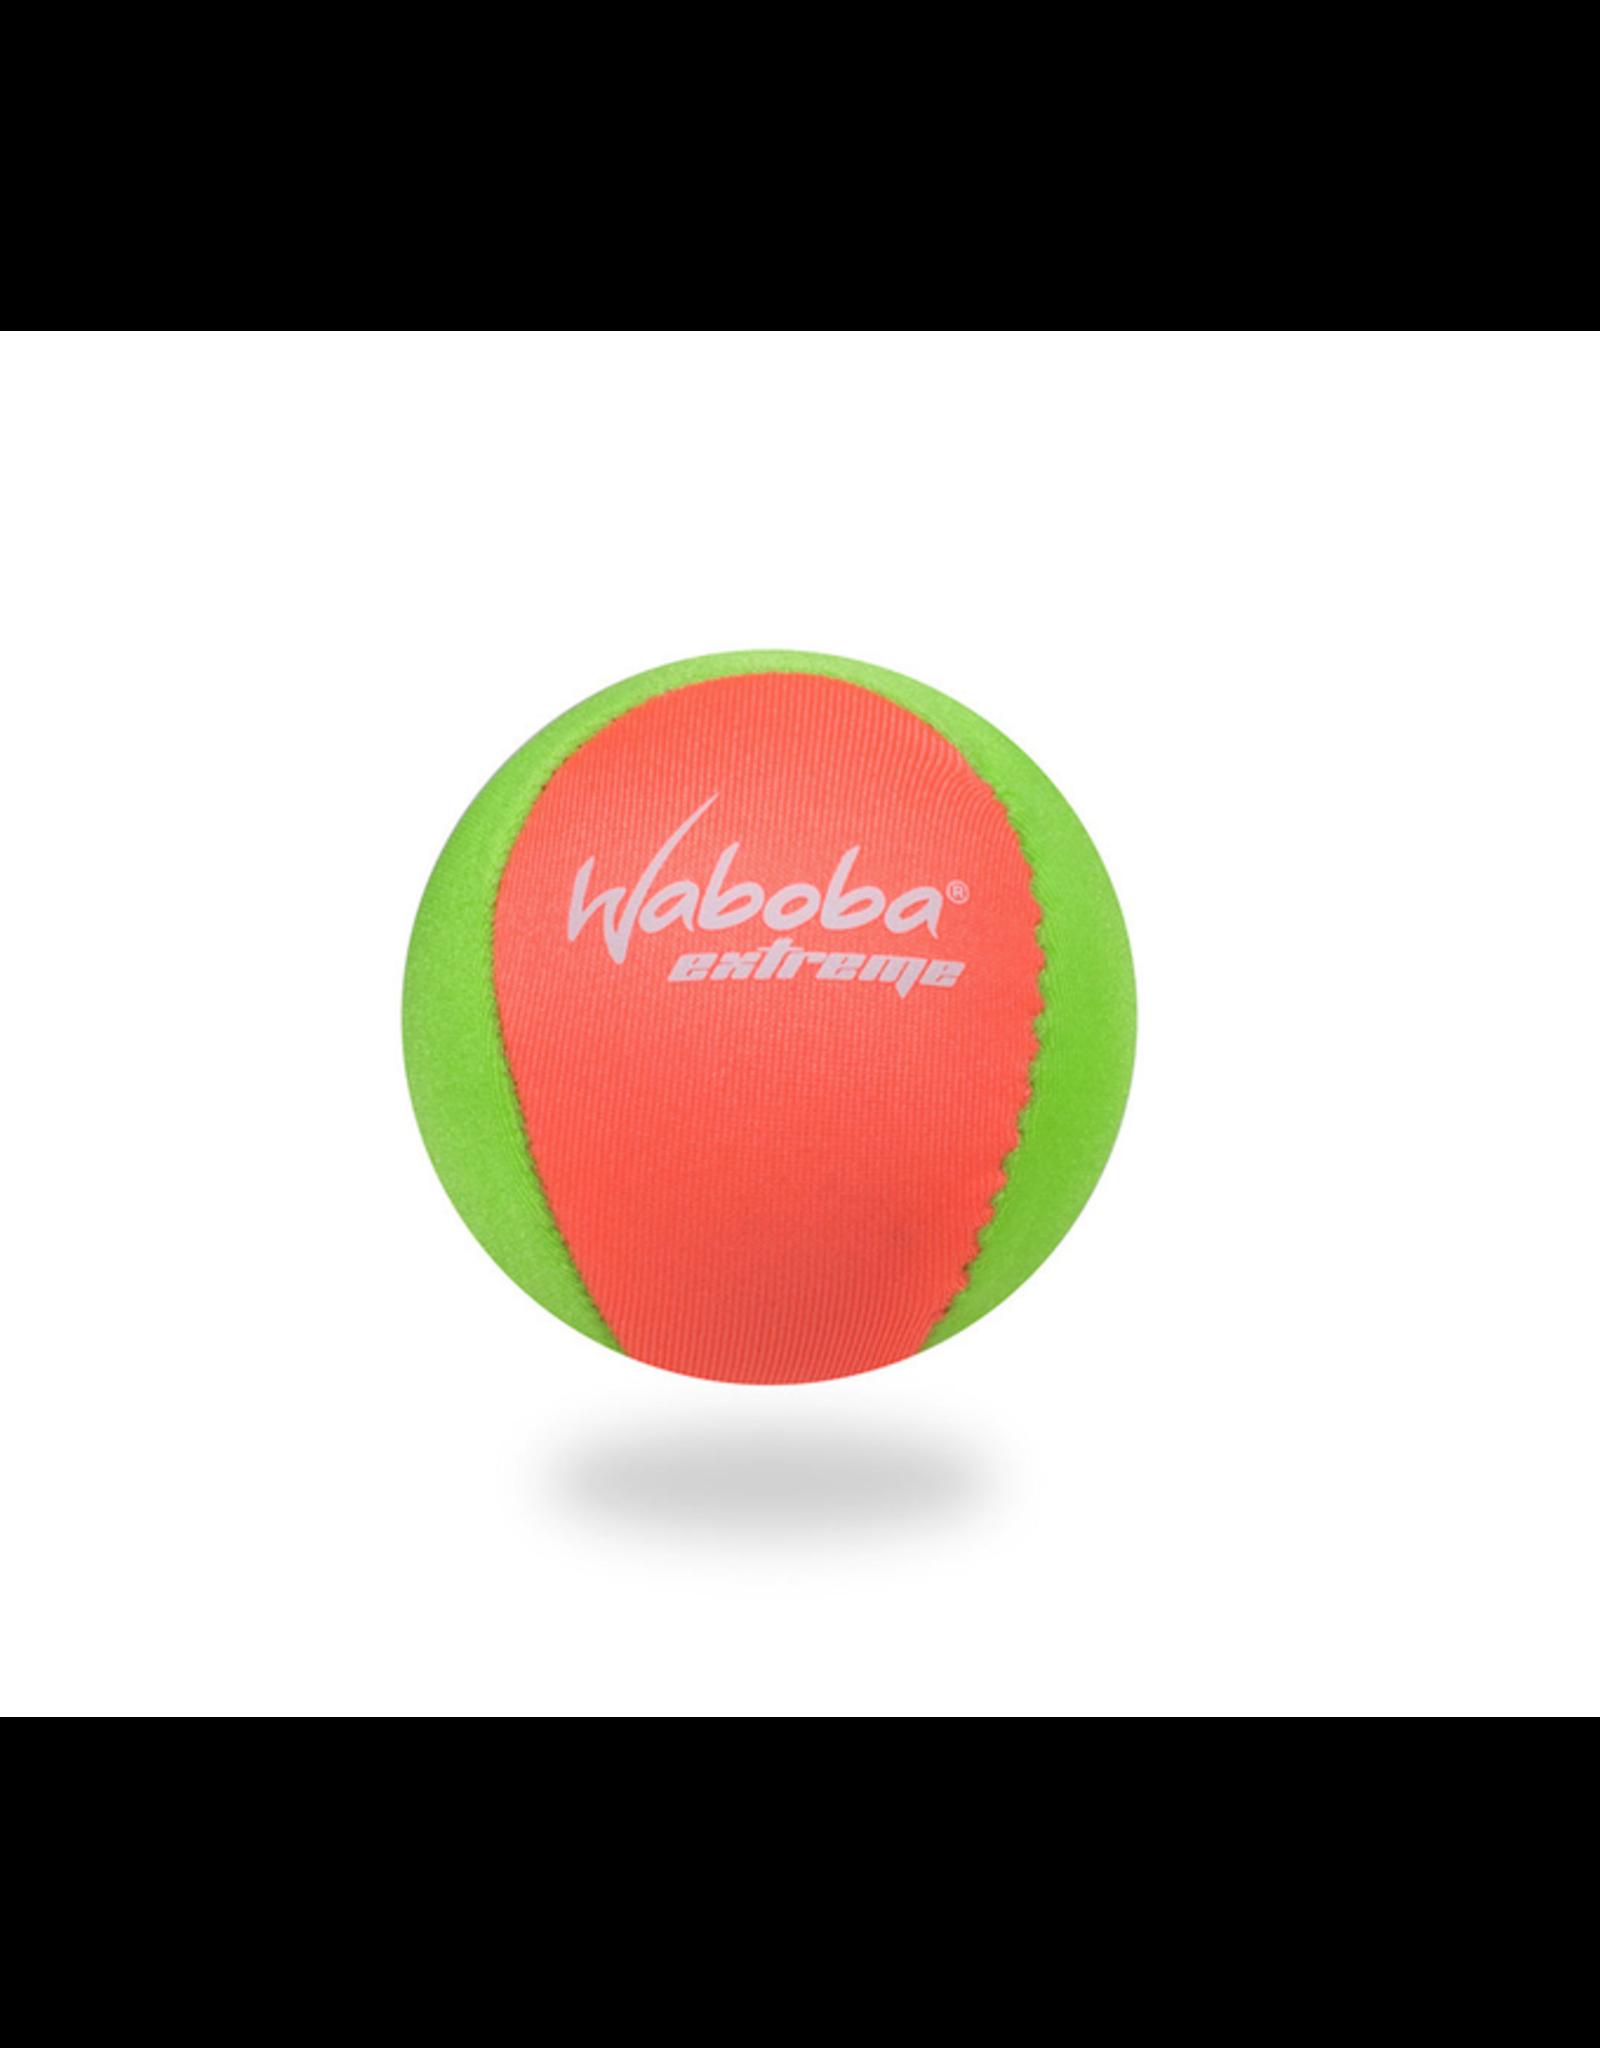 WABOBA Extreme Ball Brights